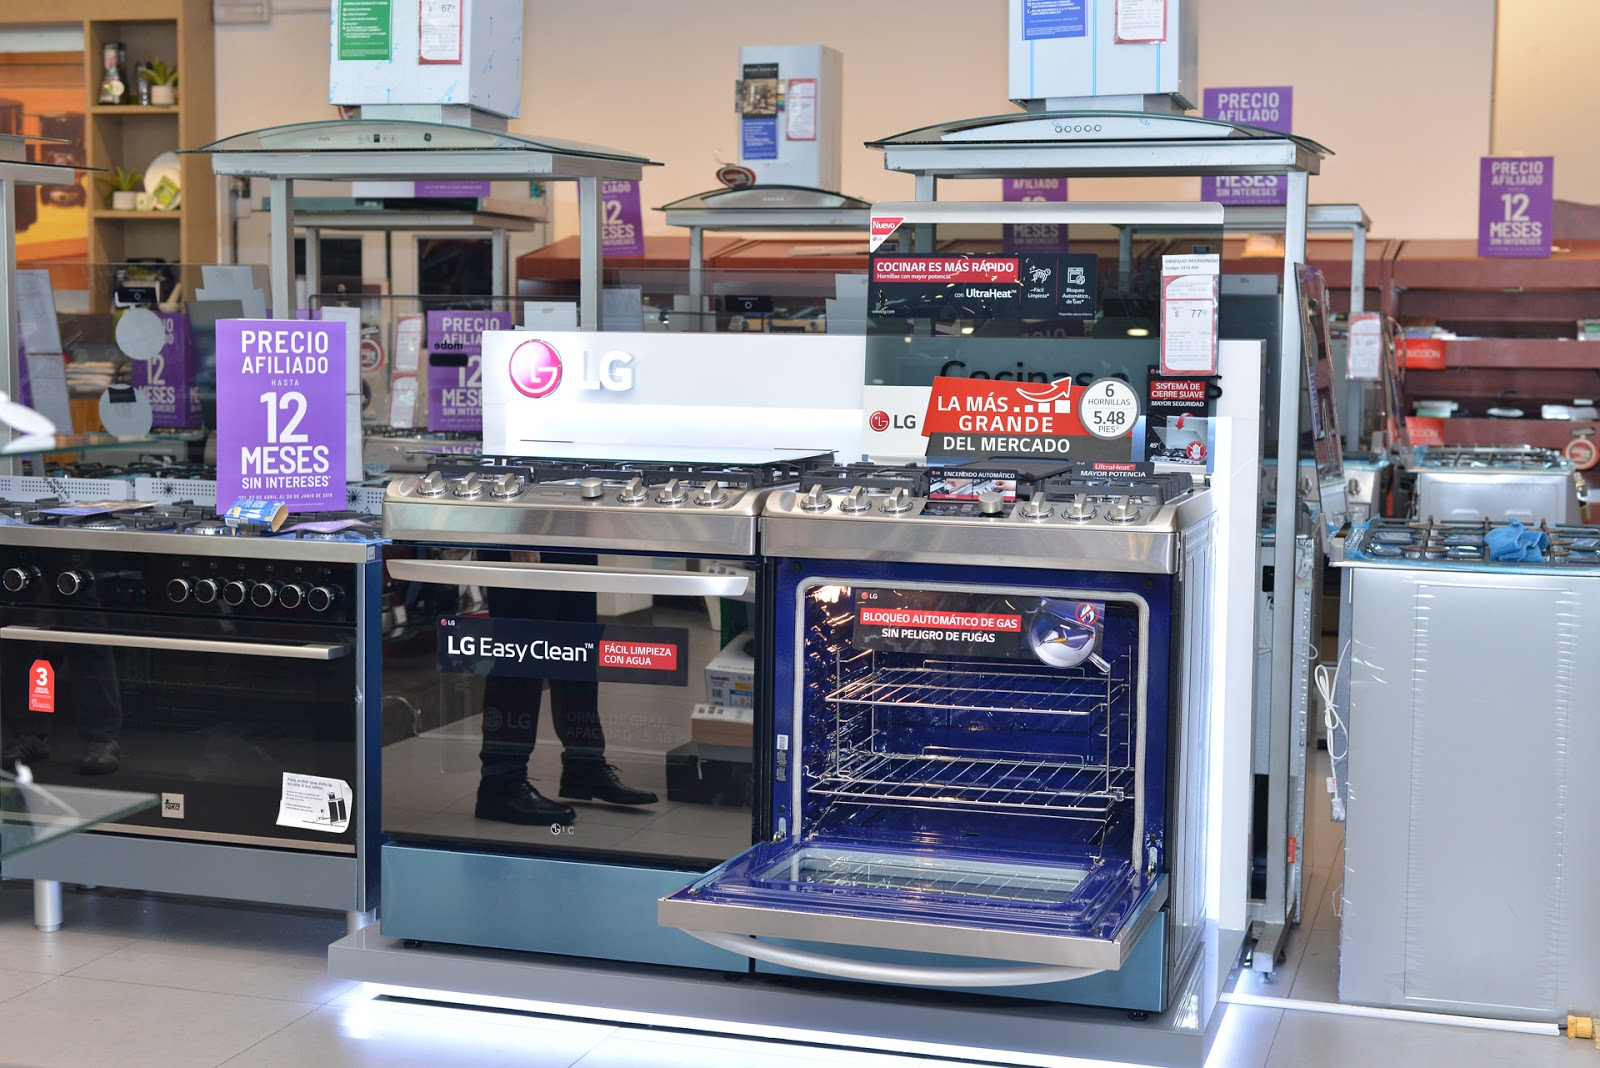 LG presentó las nuevas cocinas a gas para un cocinado rápido y sencillo